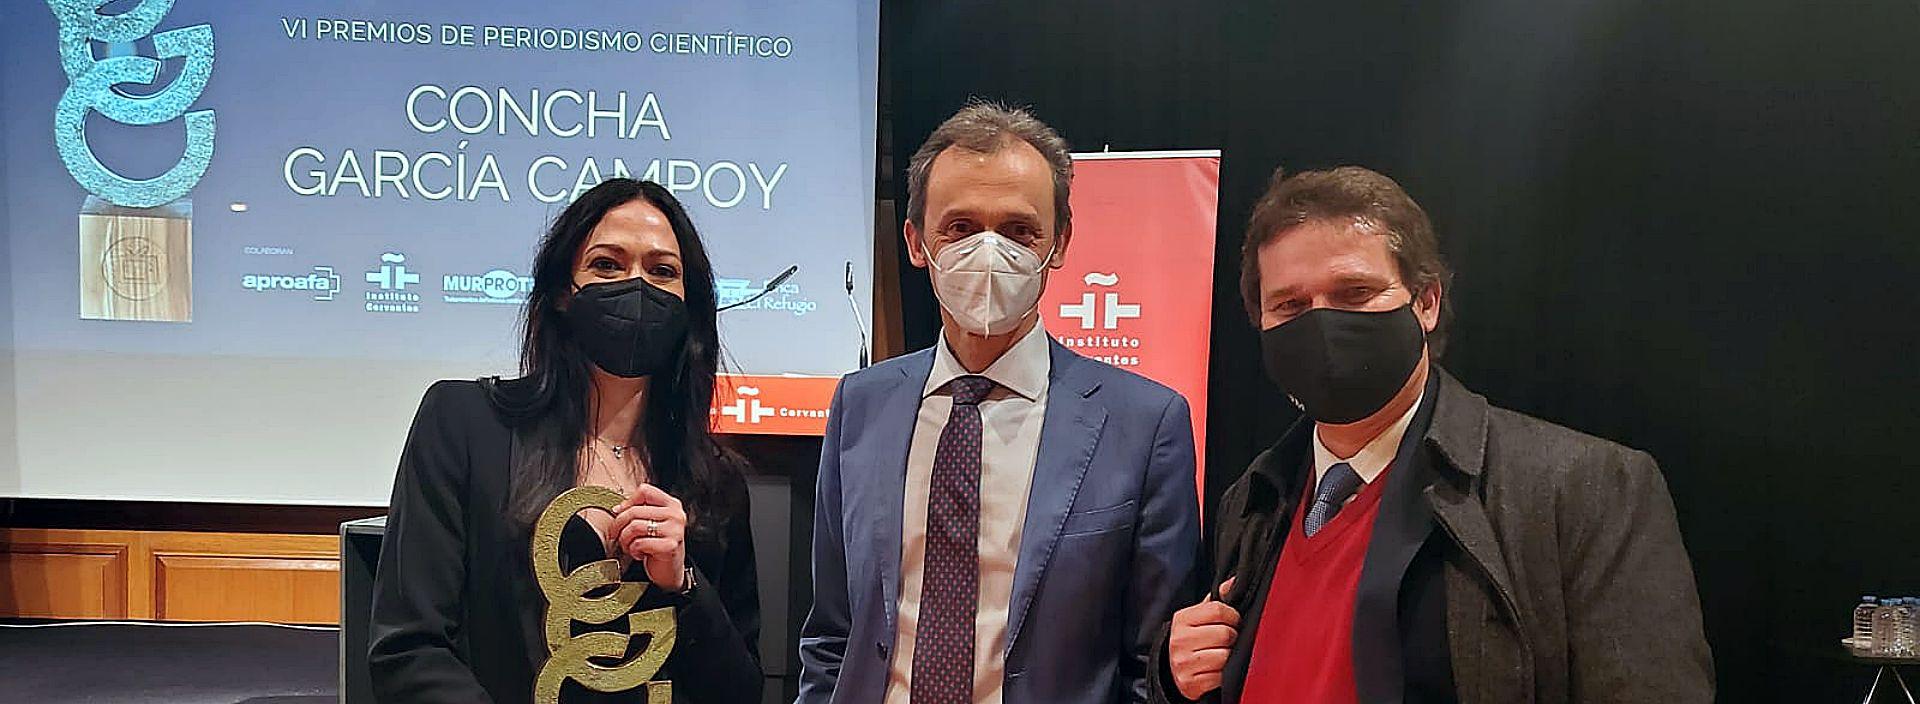 Pedro Duque Premio Concha Garcia Campoy